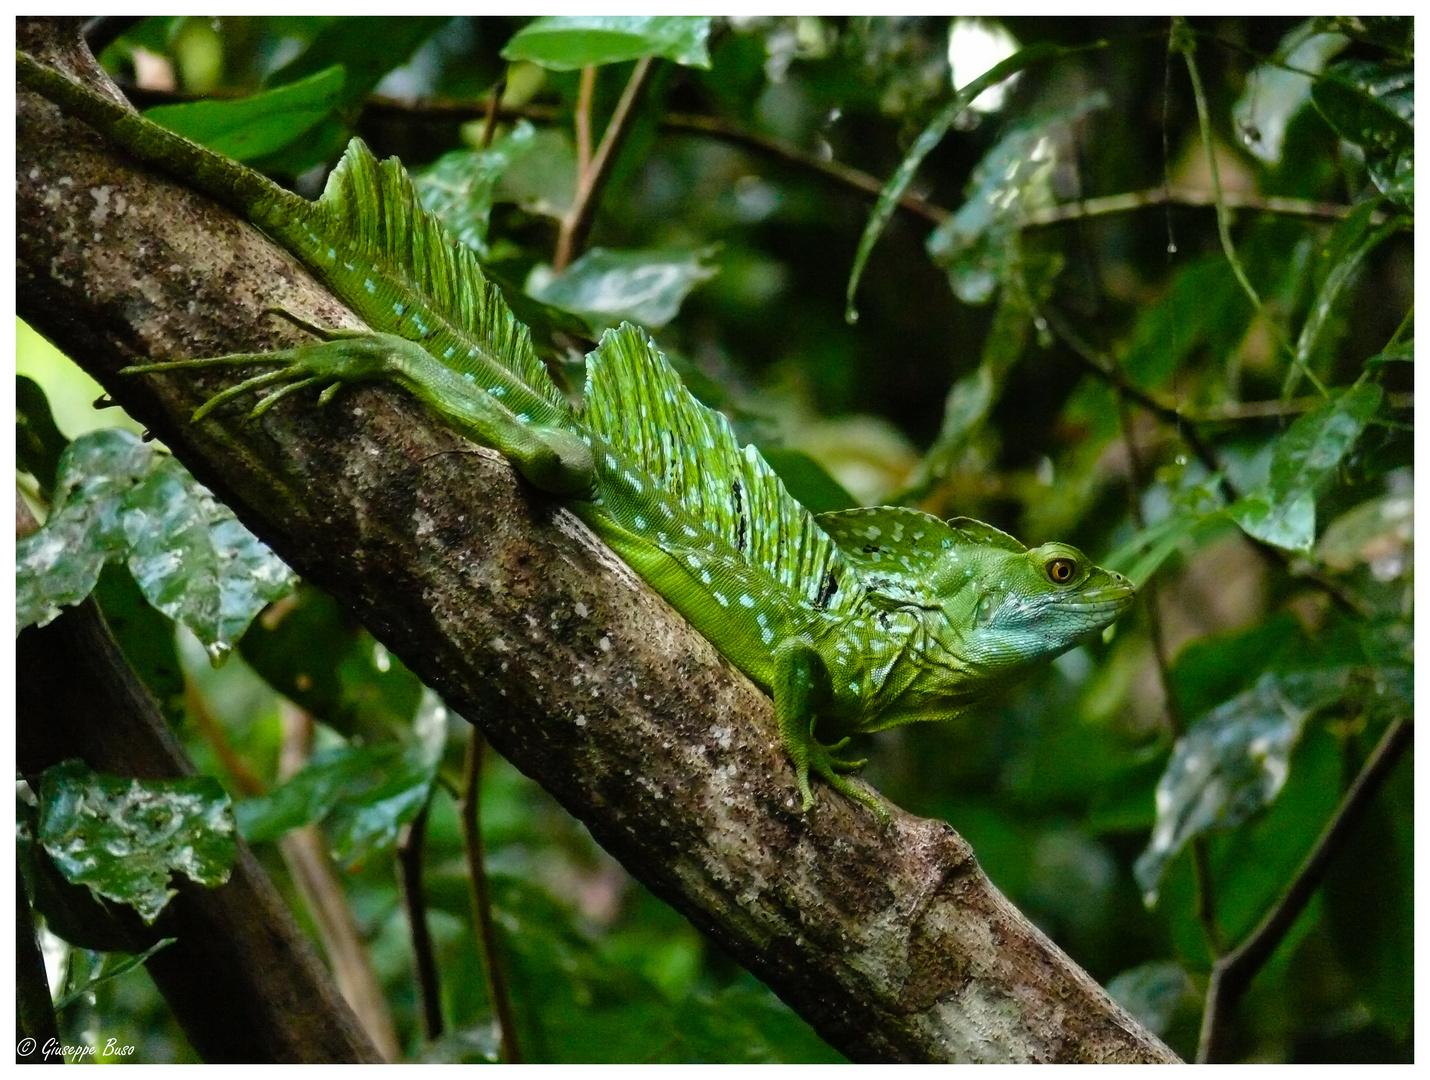 Basilisk in Costa Rica